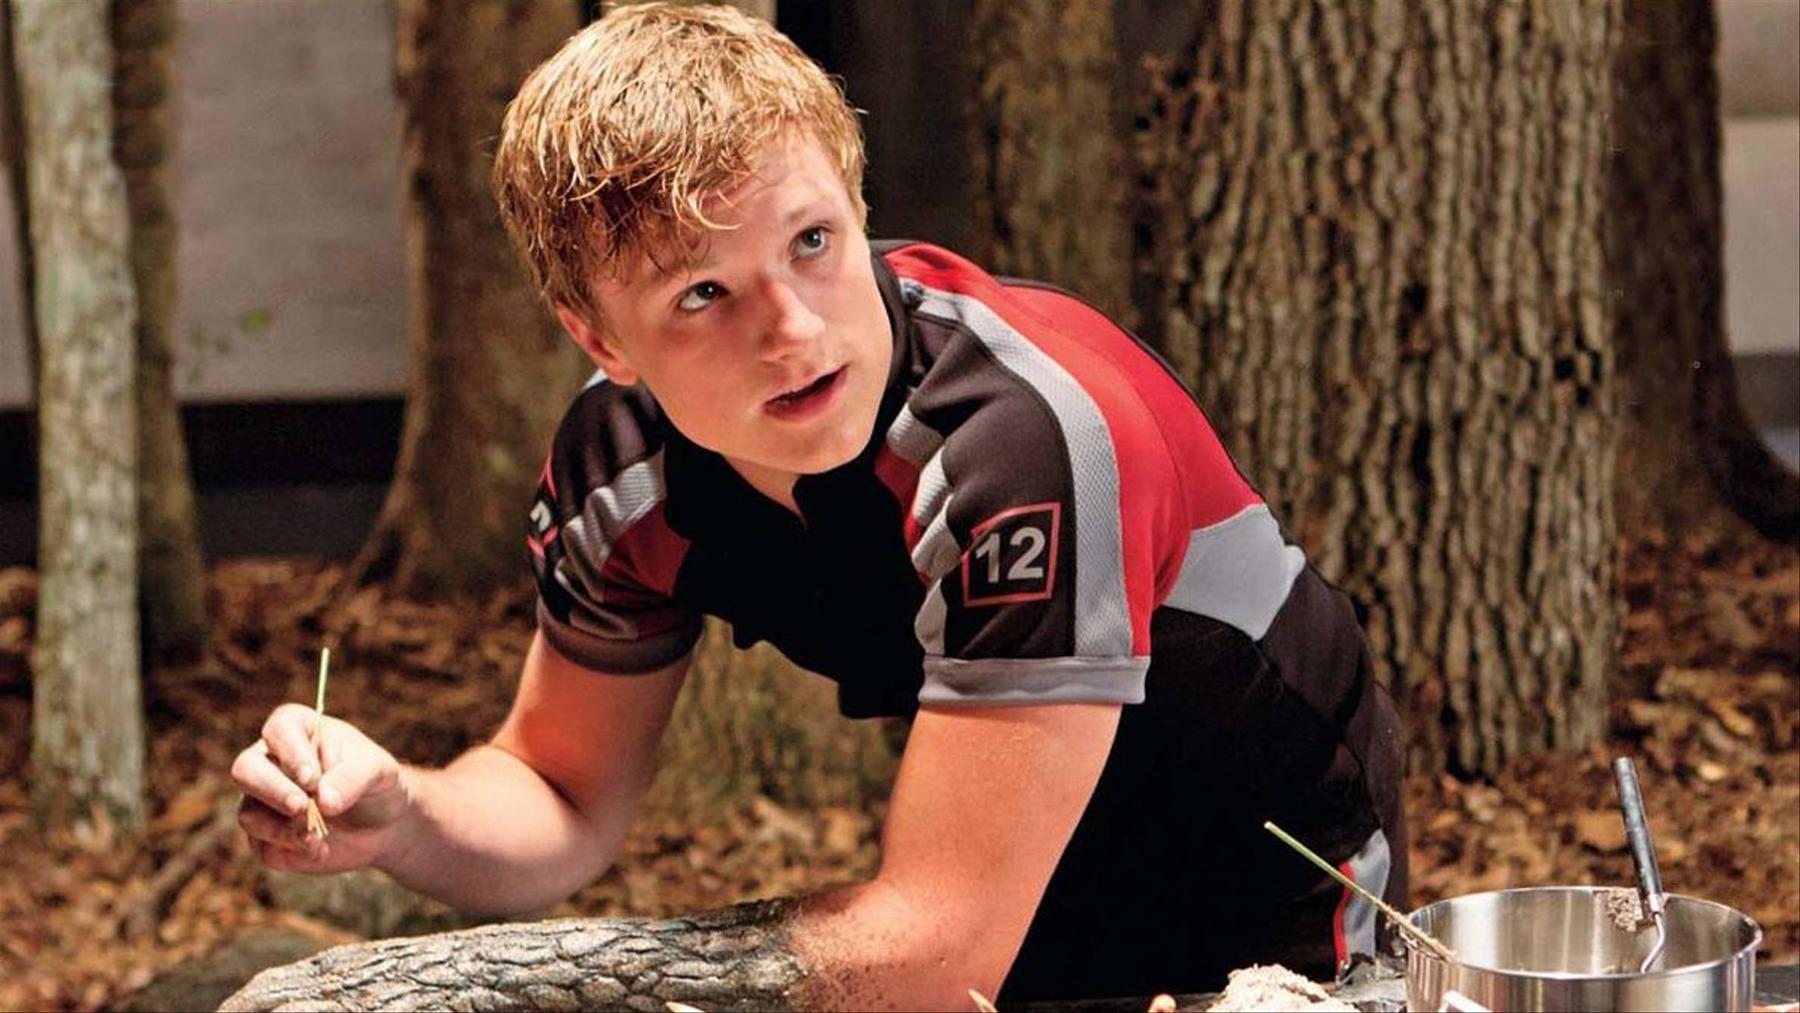 Josh Hutcherson as Peeta Mellark